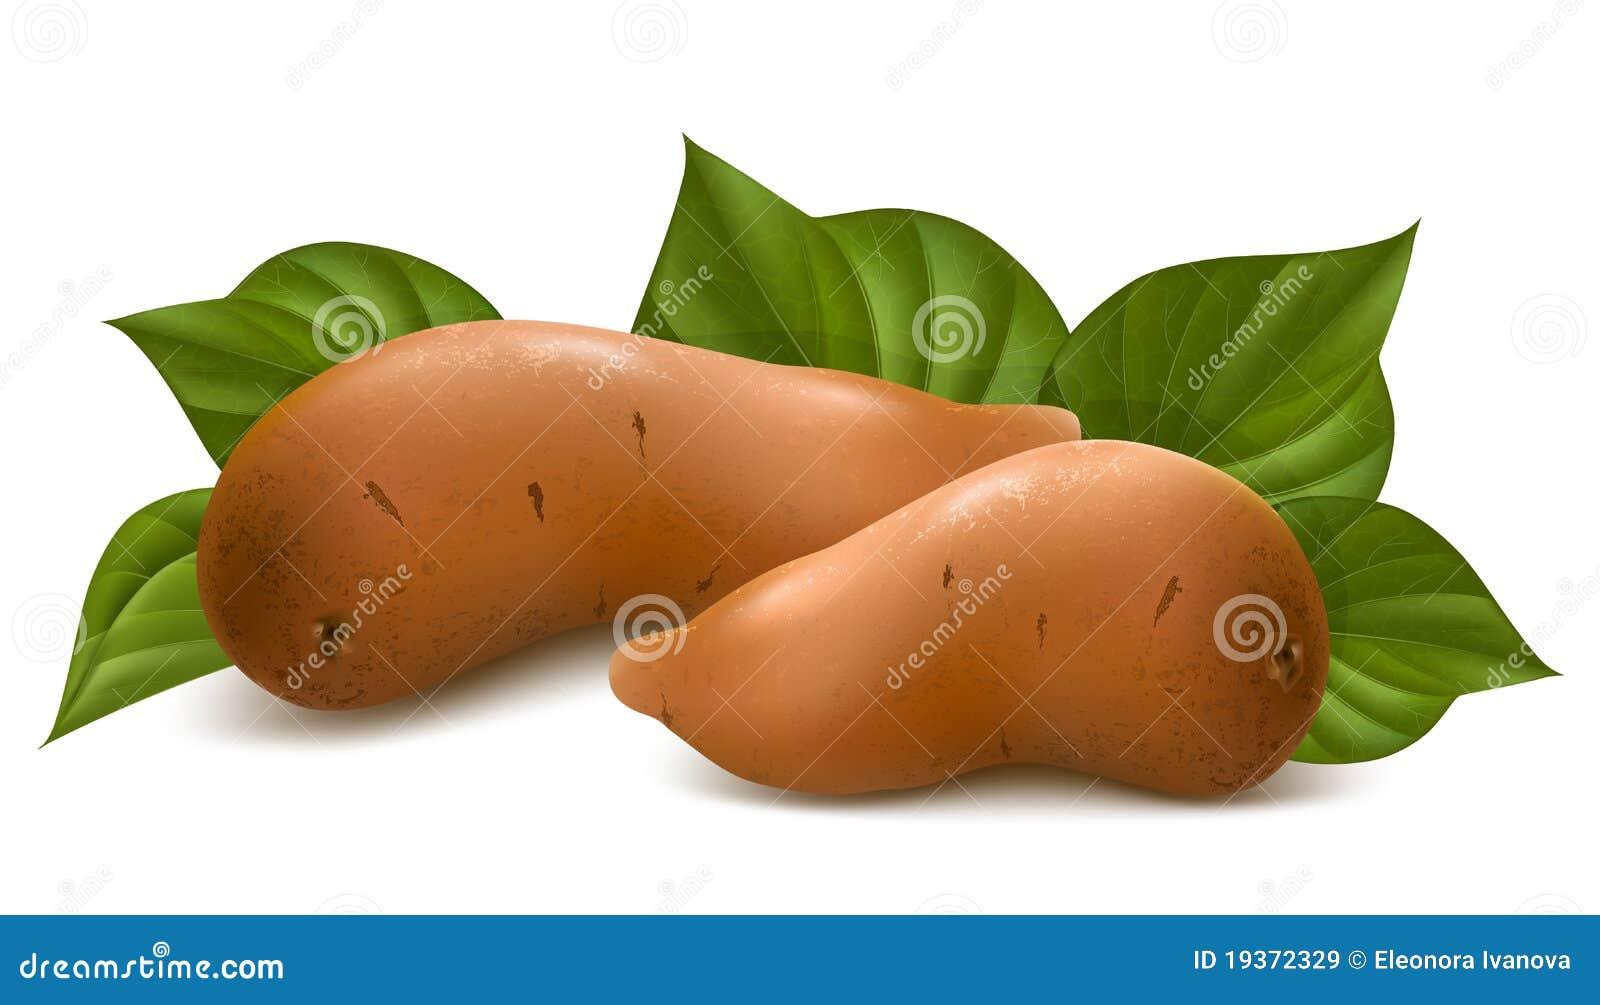 Batata doce com folhas.